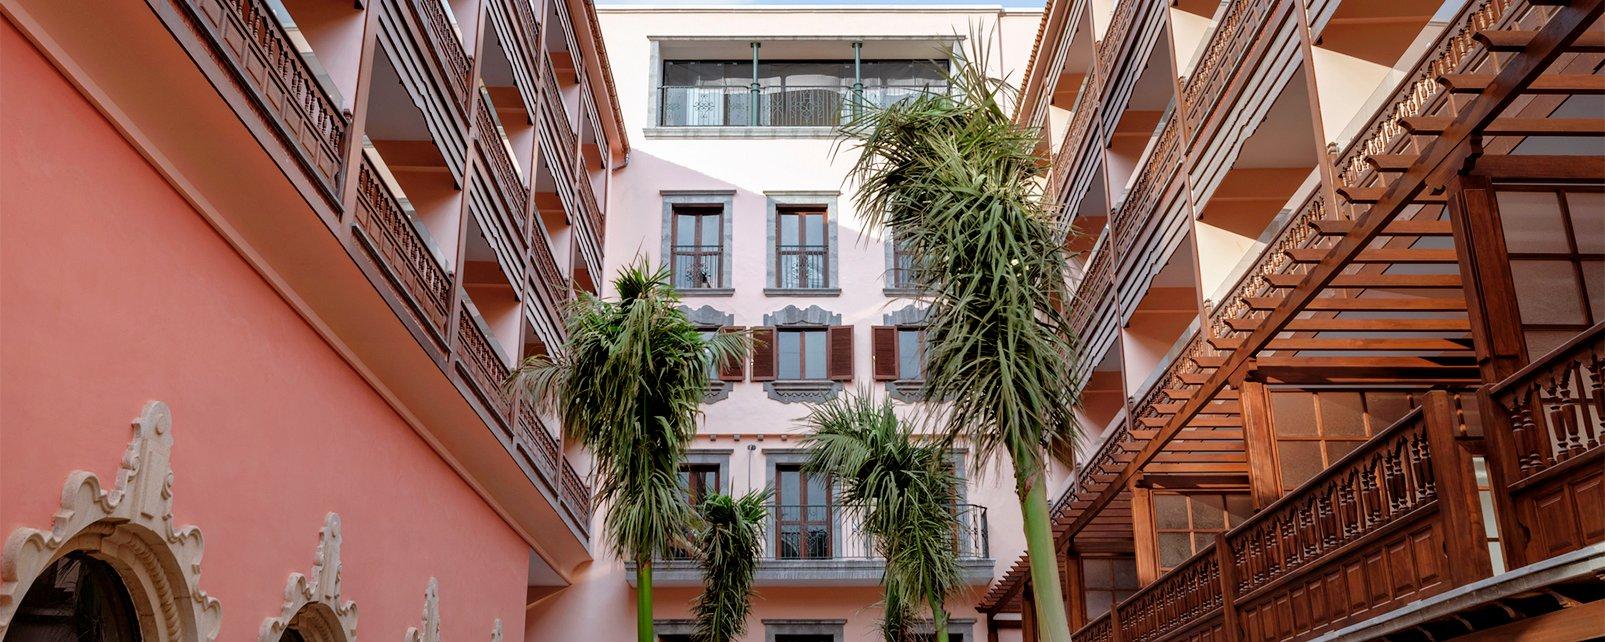 Hôtel Santa Catalina